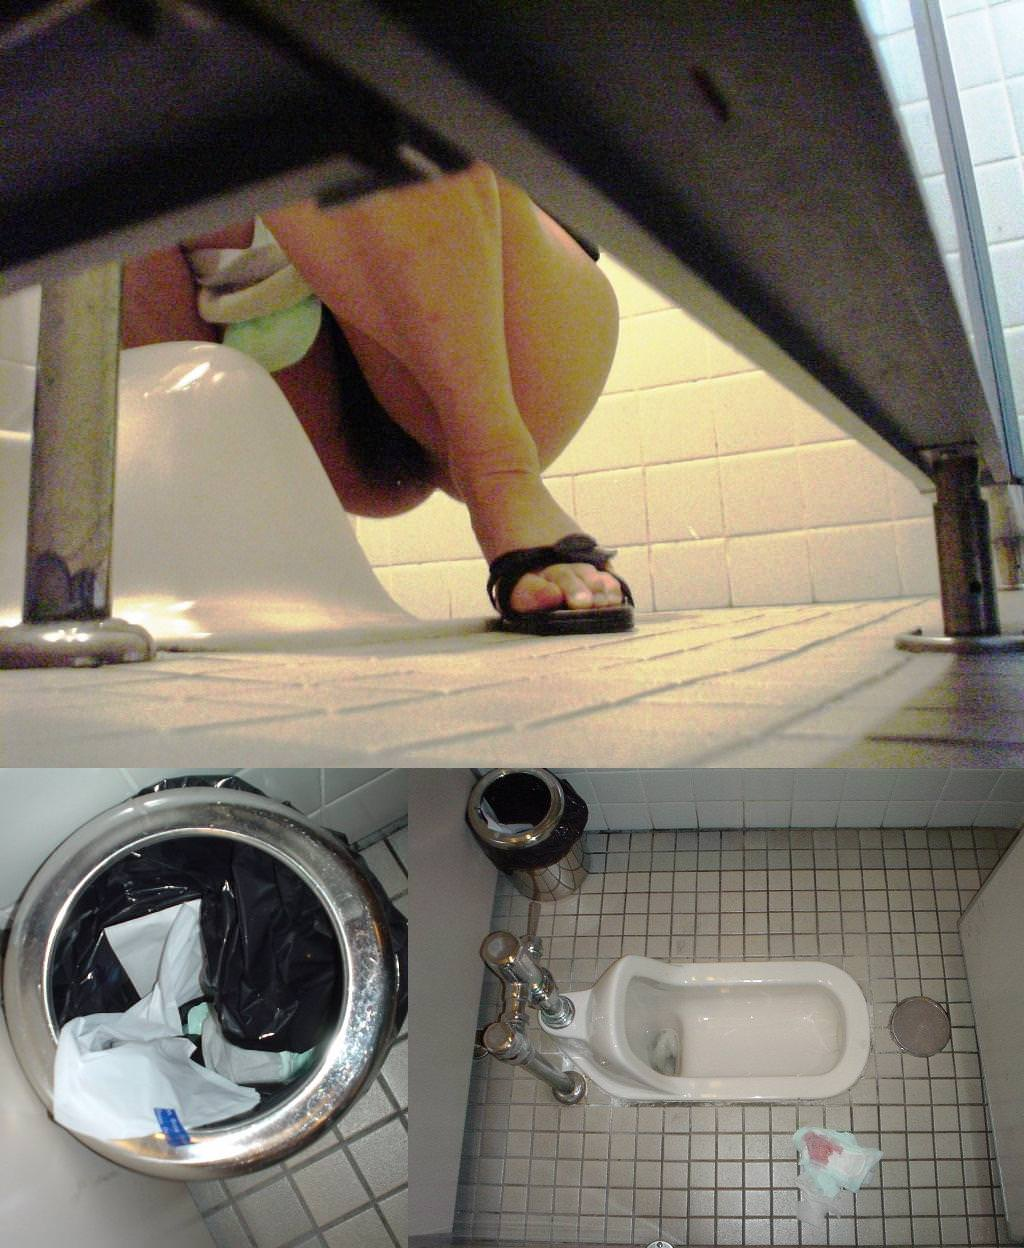 トイレでオシッコしてるお尻丸出し女性を隠し撮りwwwwwww 3086